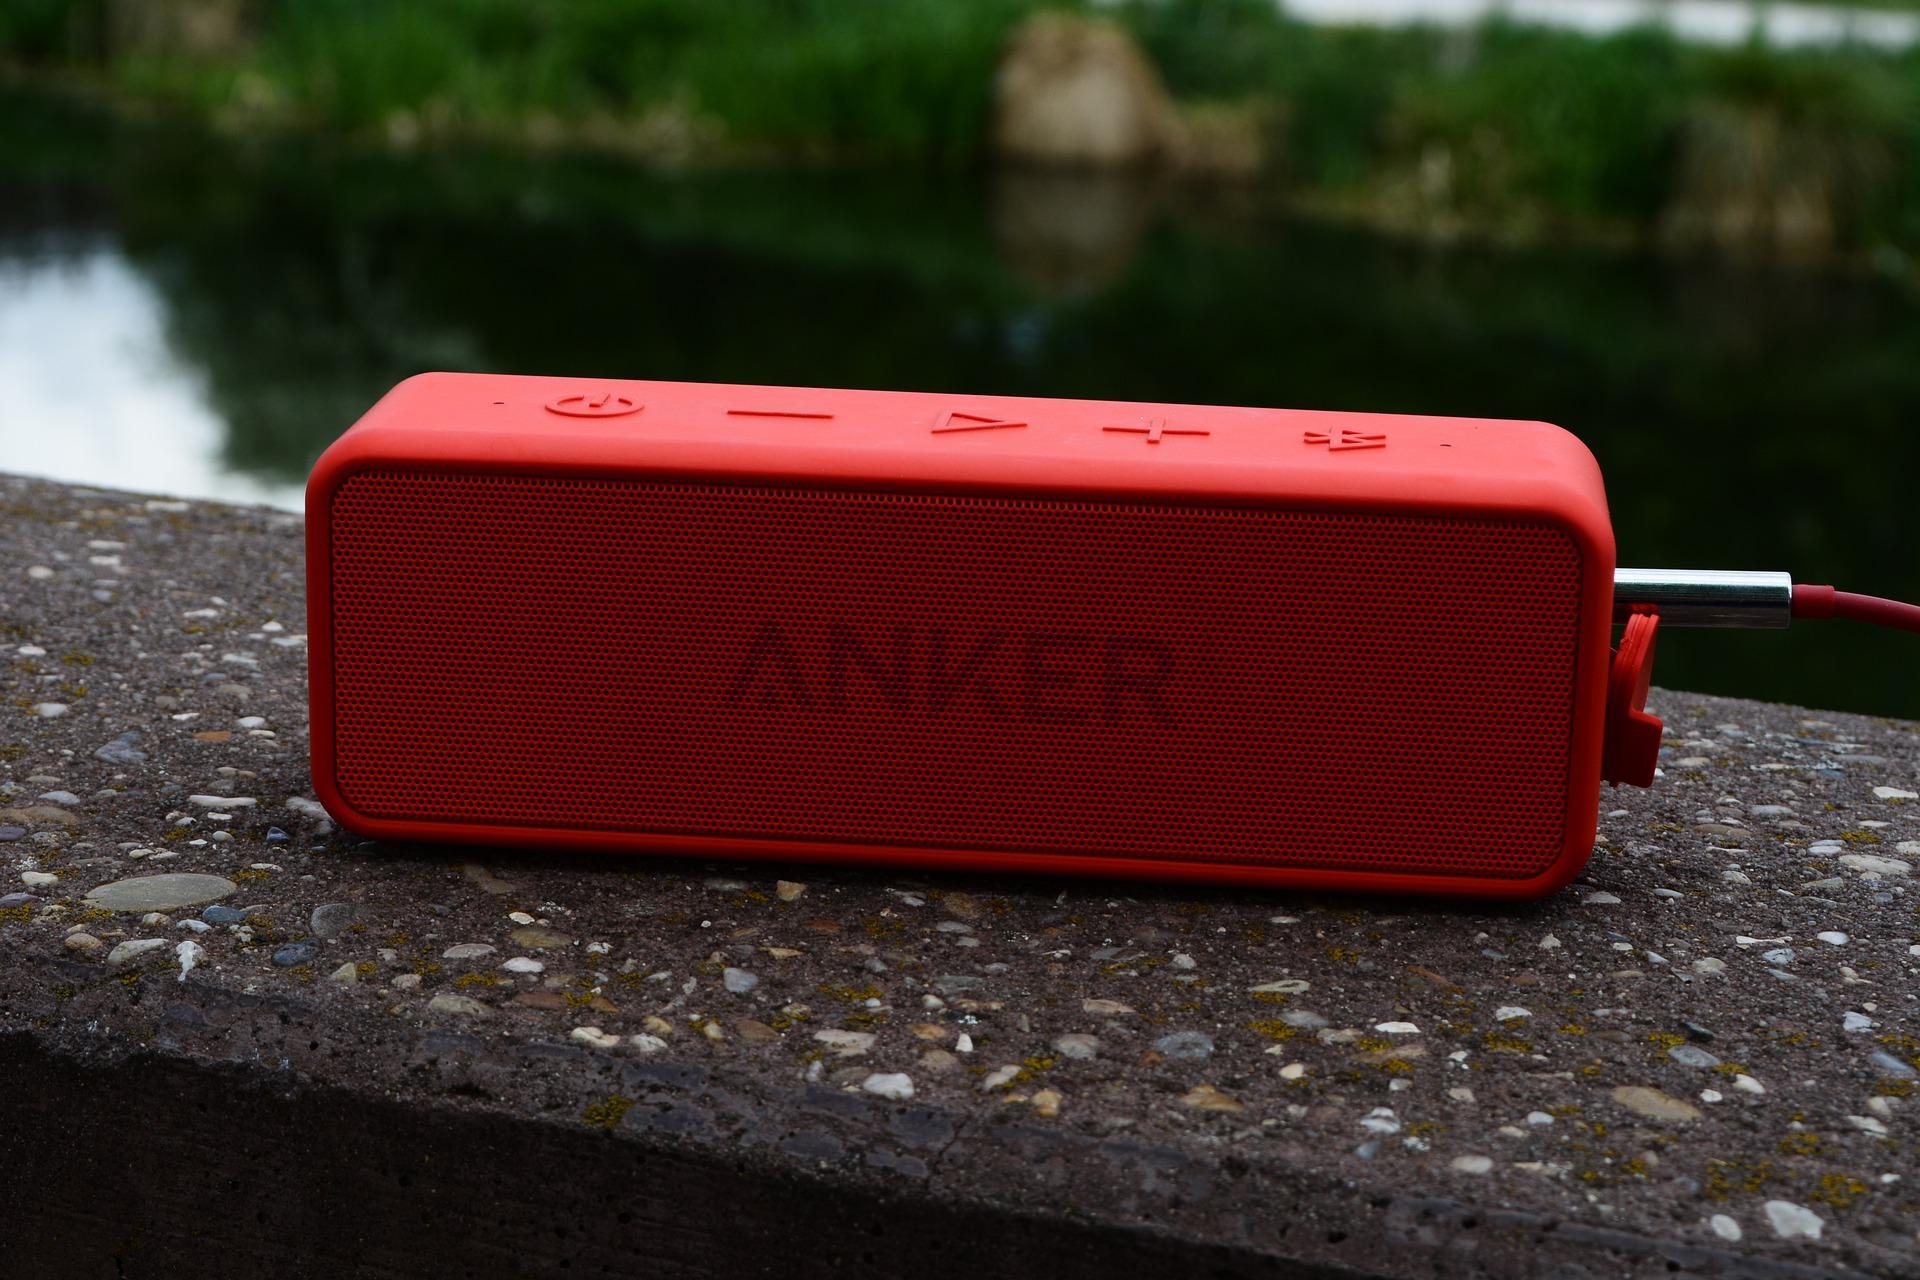 Imagem mostra uma caixa de som sobre uma mureta.